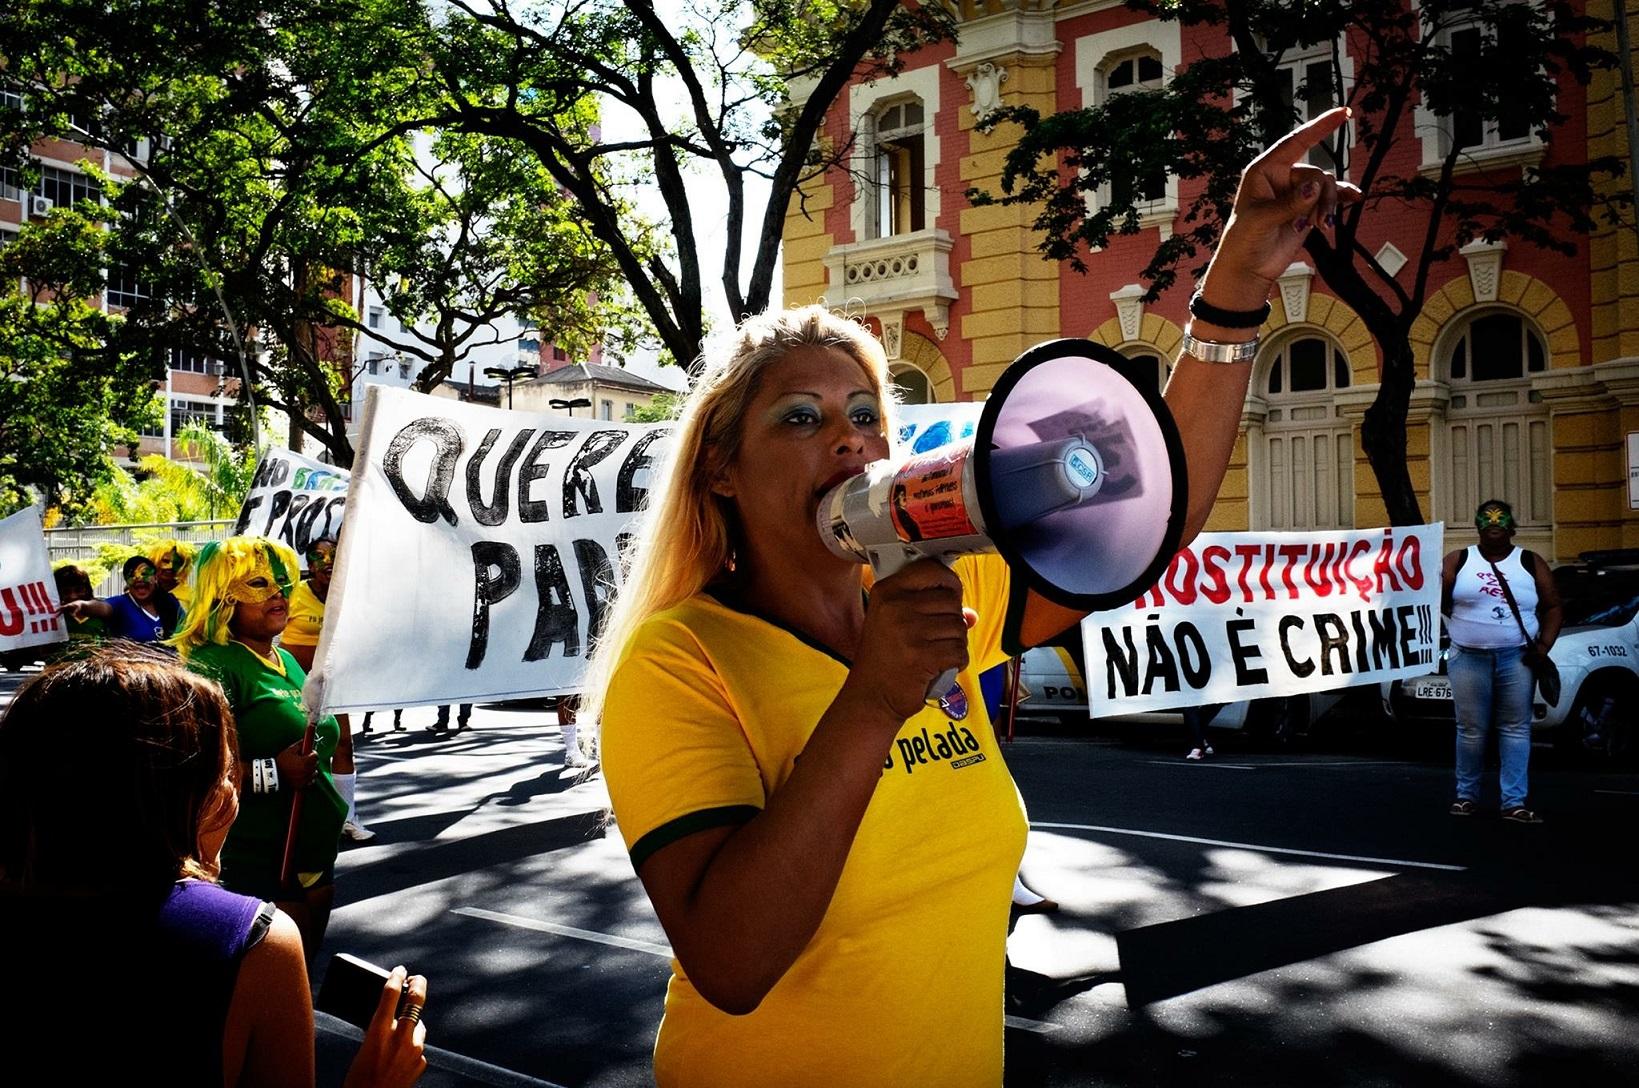 Indianara Siqueira, suplente de vereadora pelo Partido Socialismo e Liberdade e ativista em defesa da visibilidade e cidadania trans. Foto de divulgação